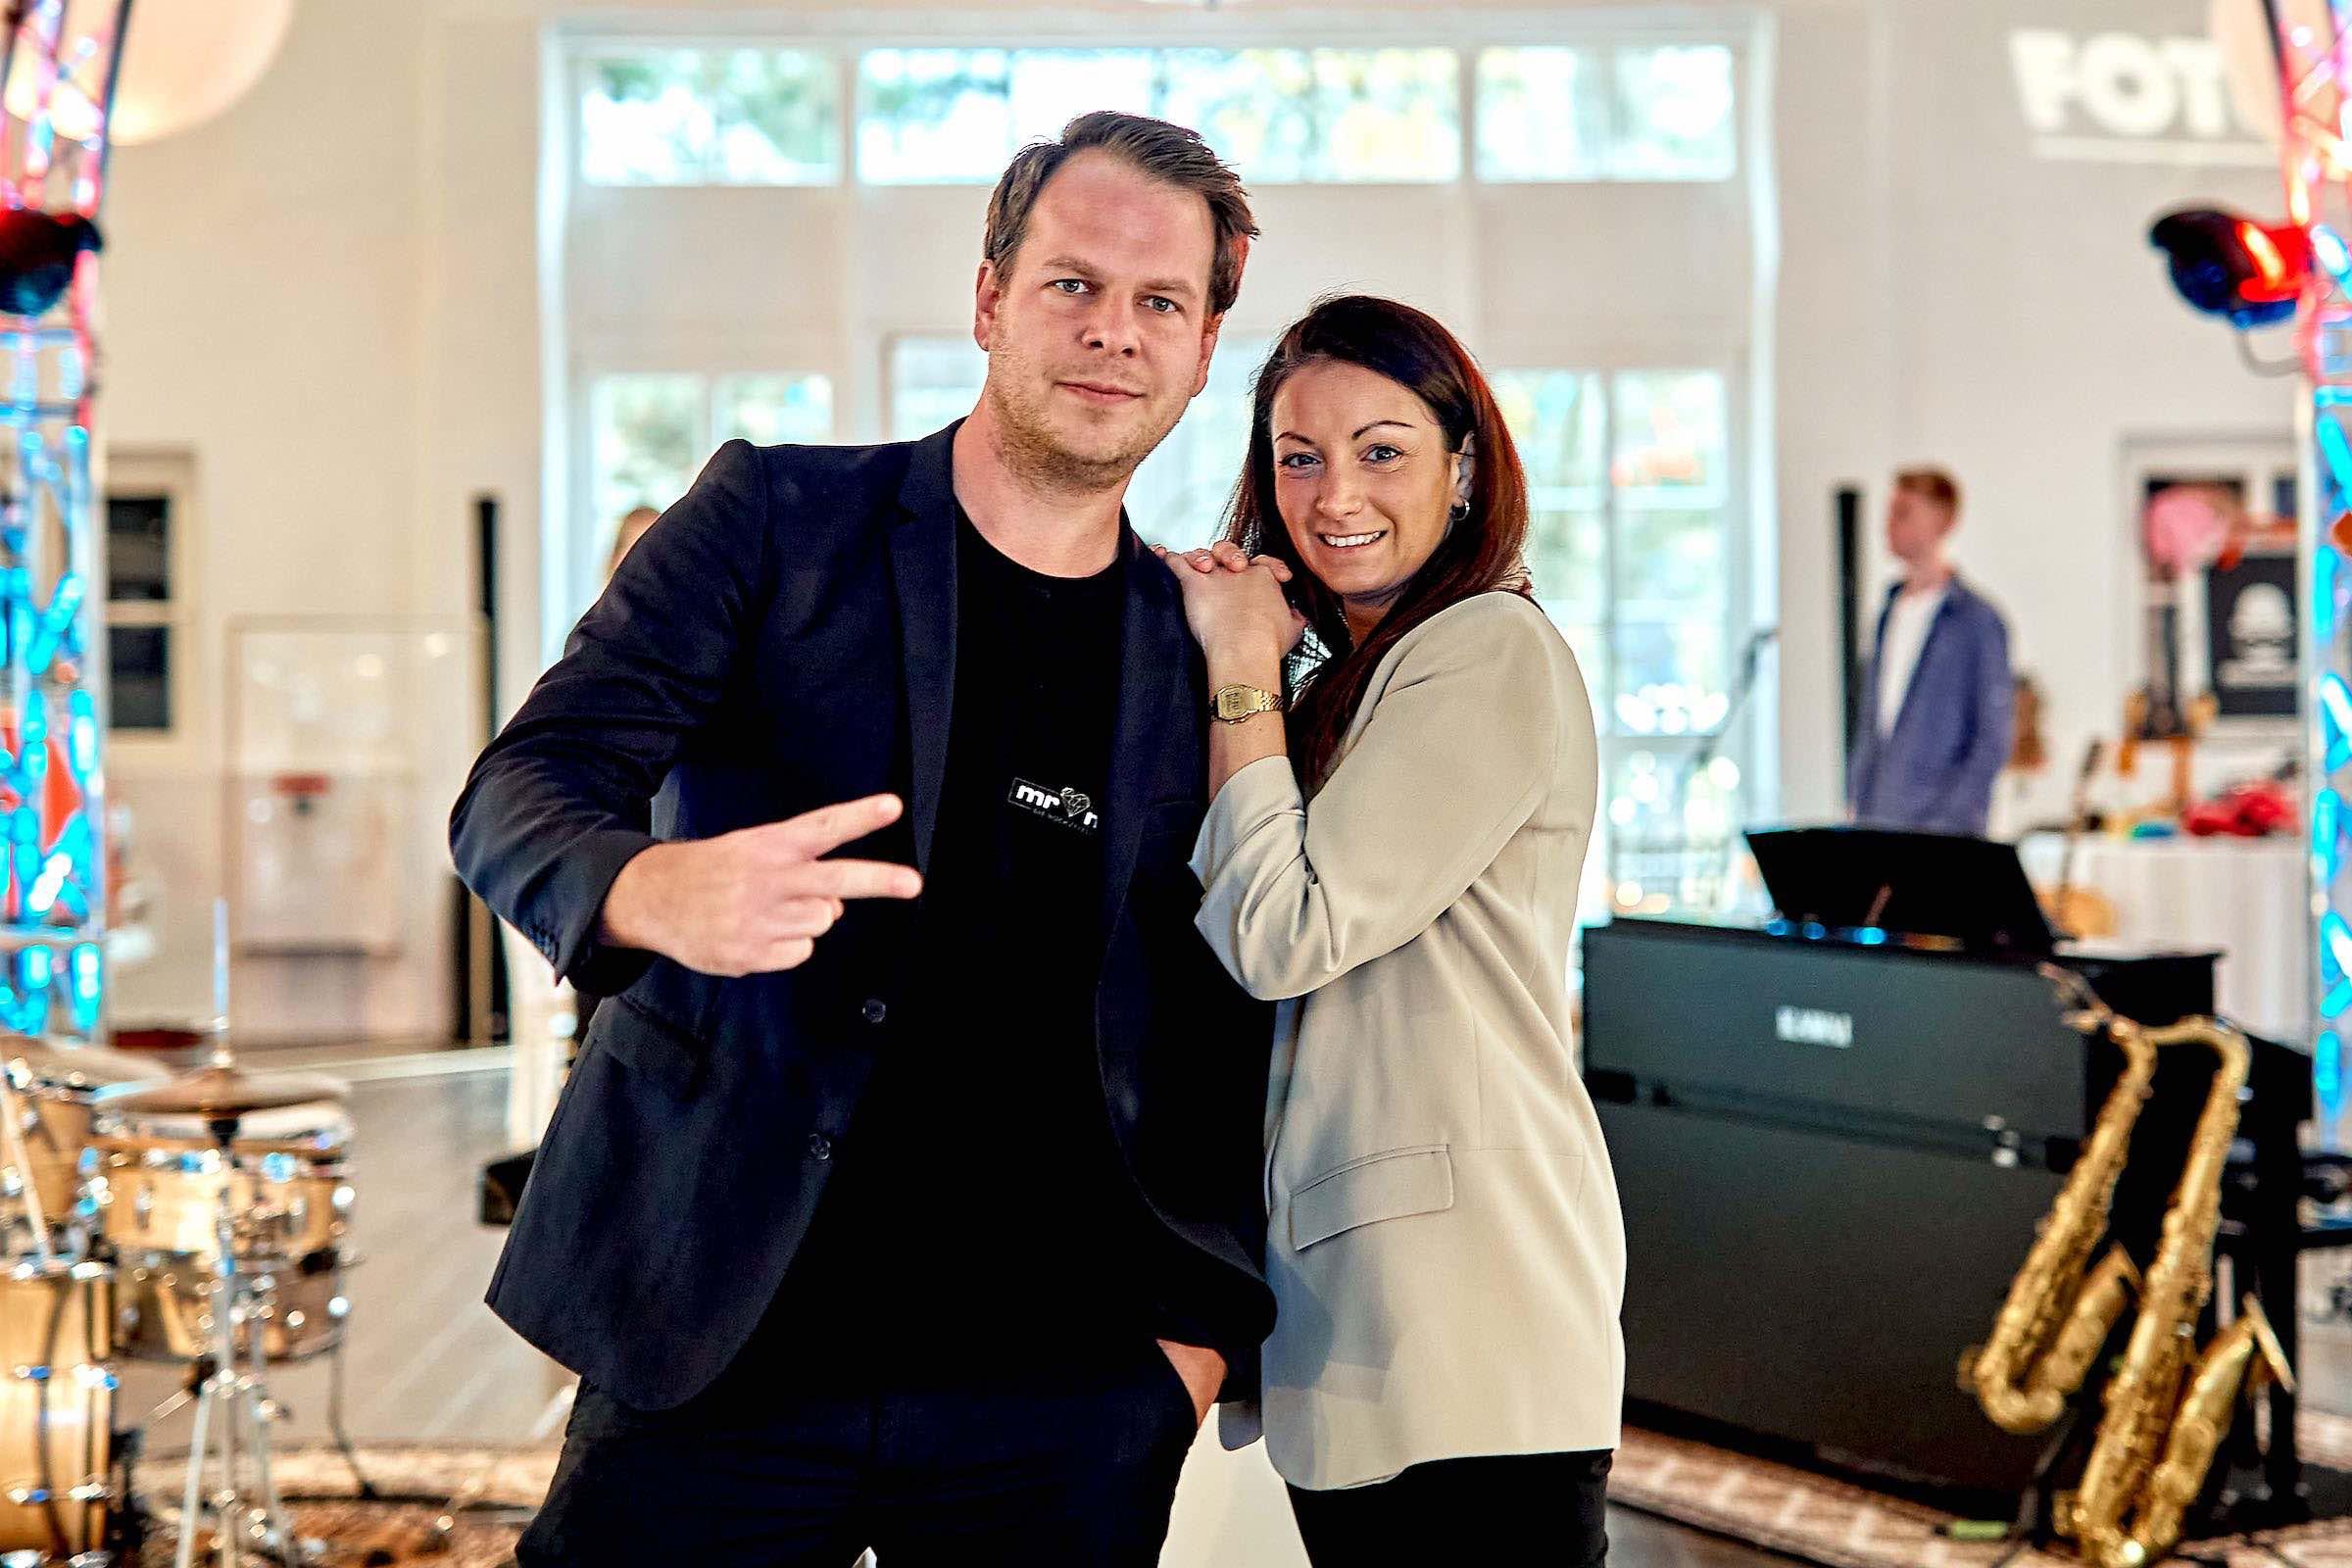 Eventplaner | Hochzeitsplaner | Hamburg | Eventaustattung | Mieten | Buchen | Hochzeiten | Dekoration | Tischdekoration | Firmenfeiern | Gala | Tischdekoration | Technik | Logistik | Lieferung | Hamburgfeiert